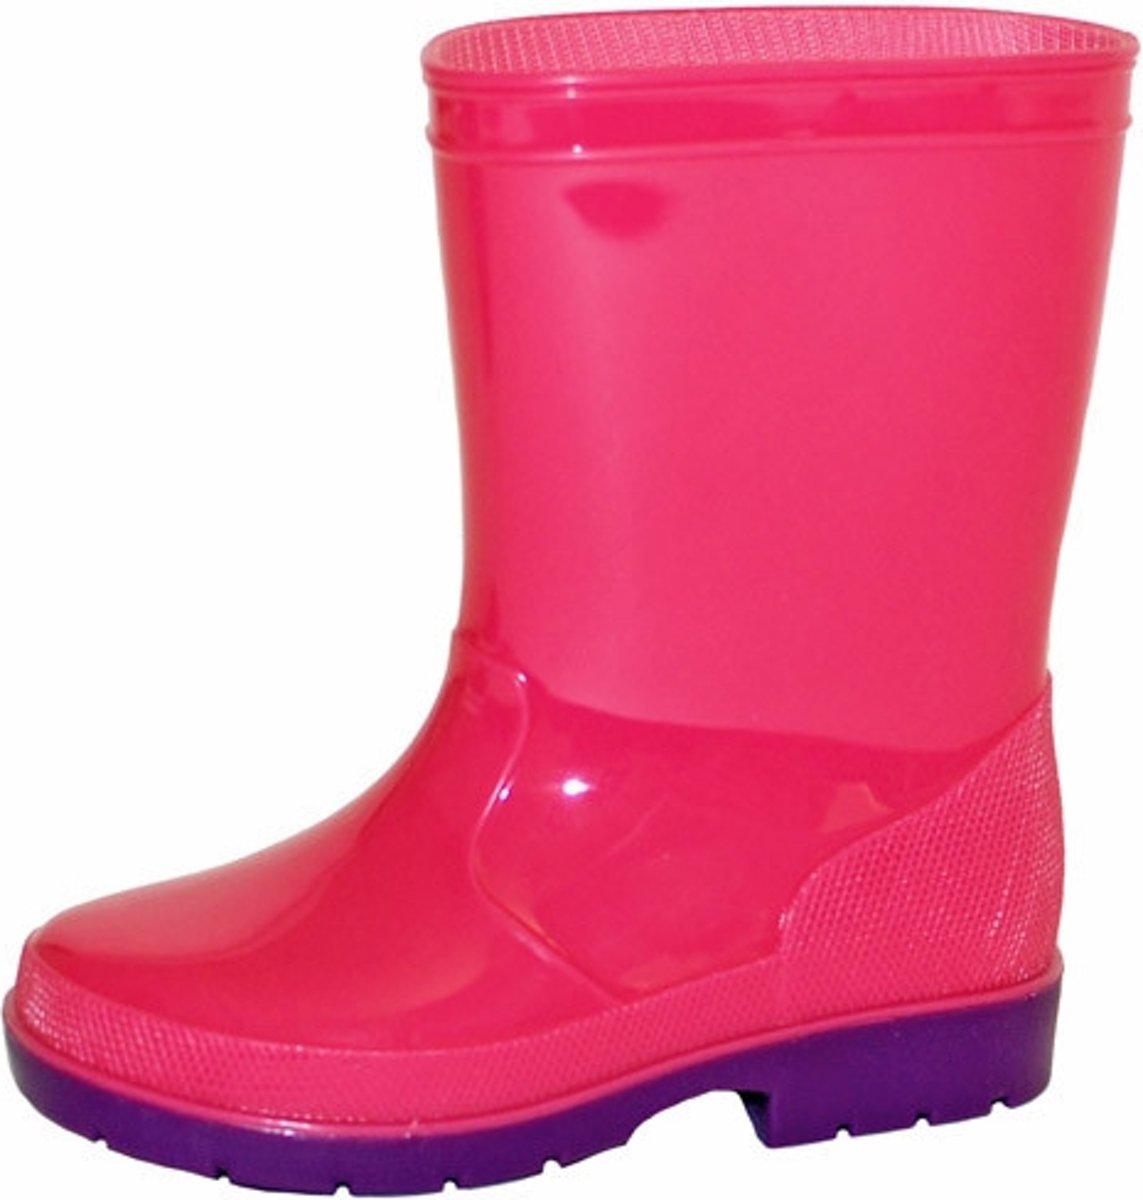 Regenlaarsje Gevavi Roze - roze - 29 kopen